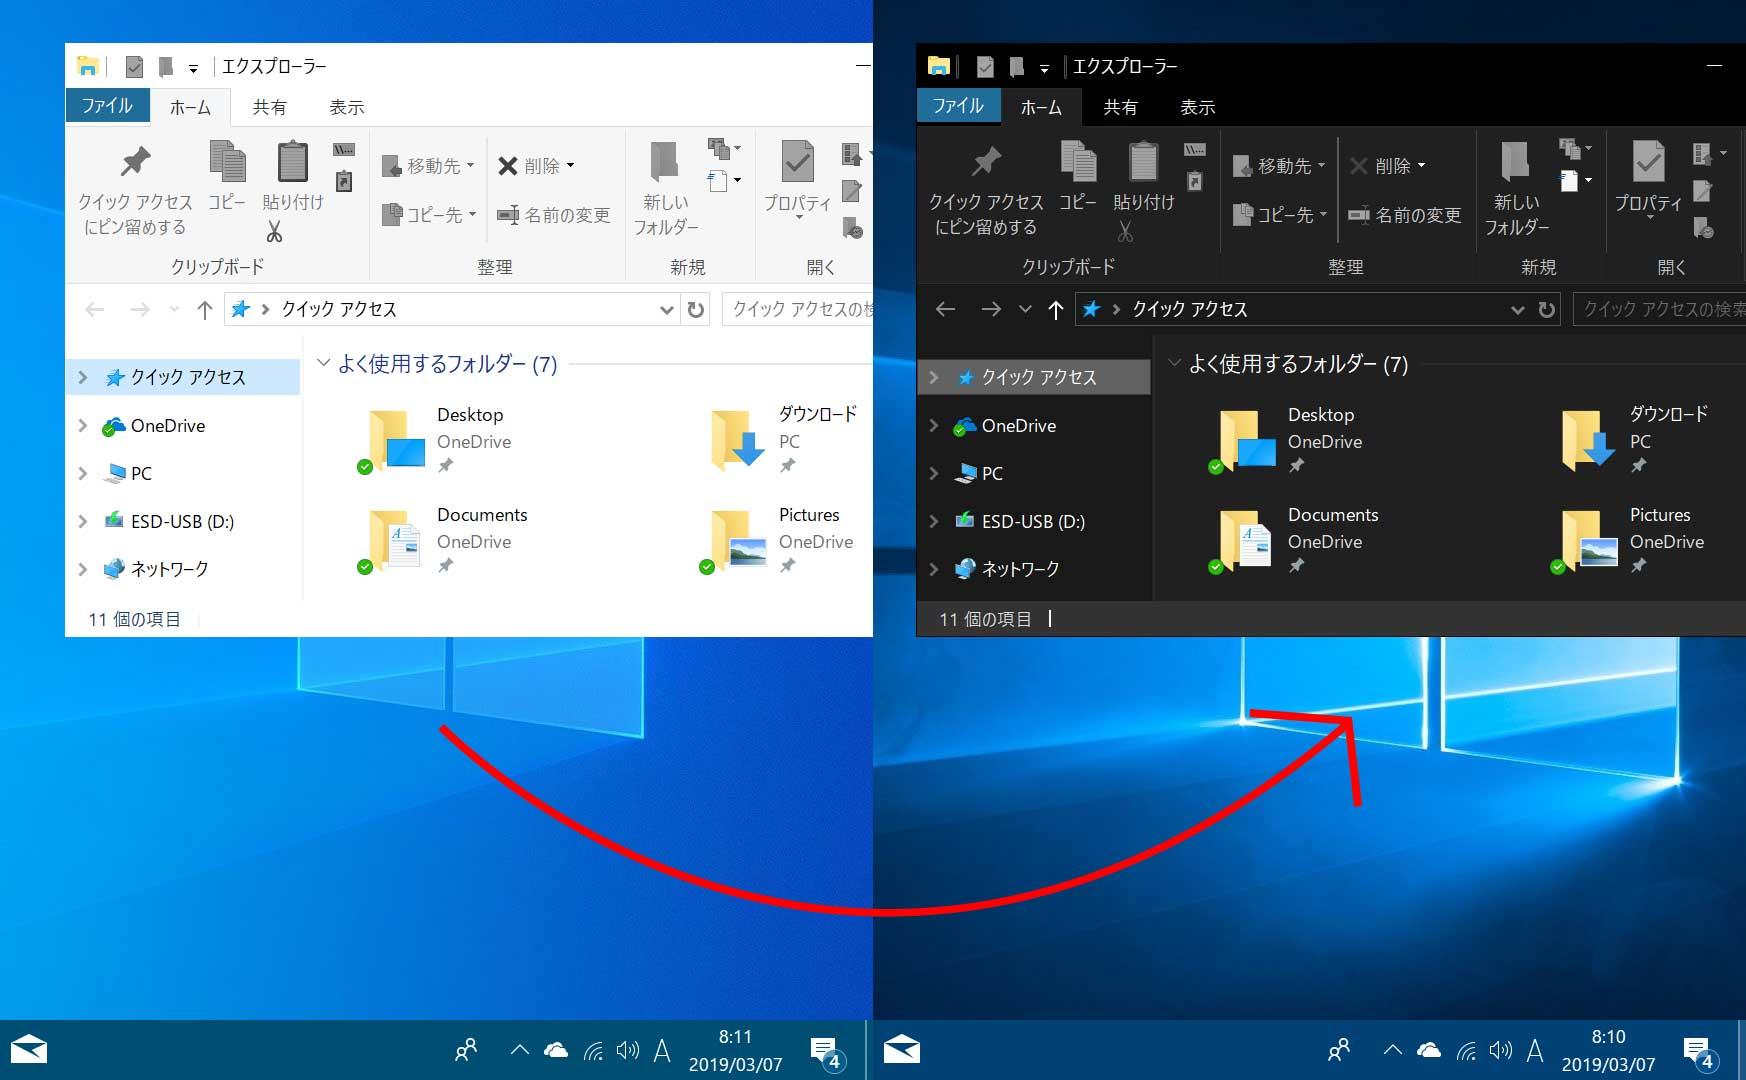 Windows 10 奥が深い ライトモードとダークモードの切替 Pcまなぶ